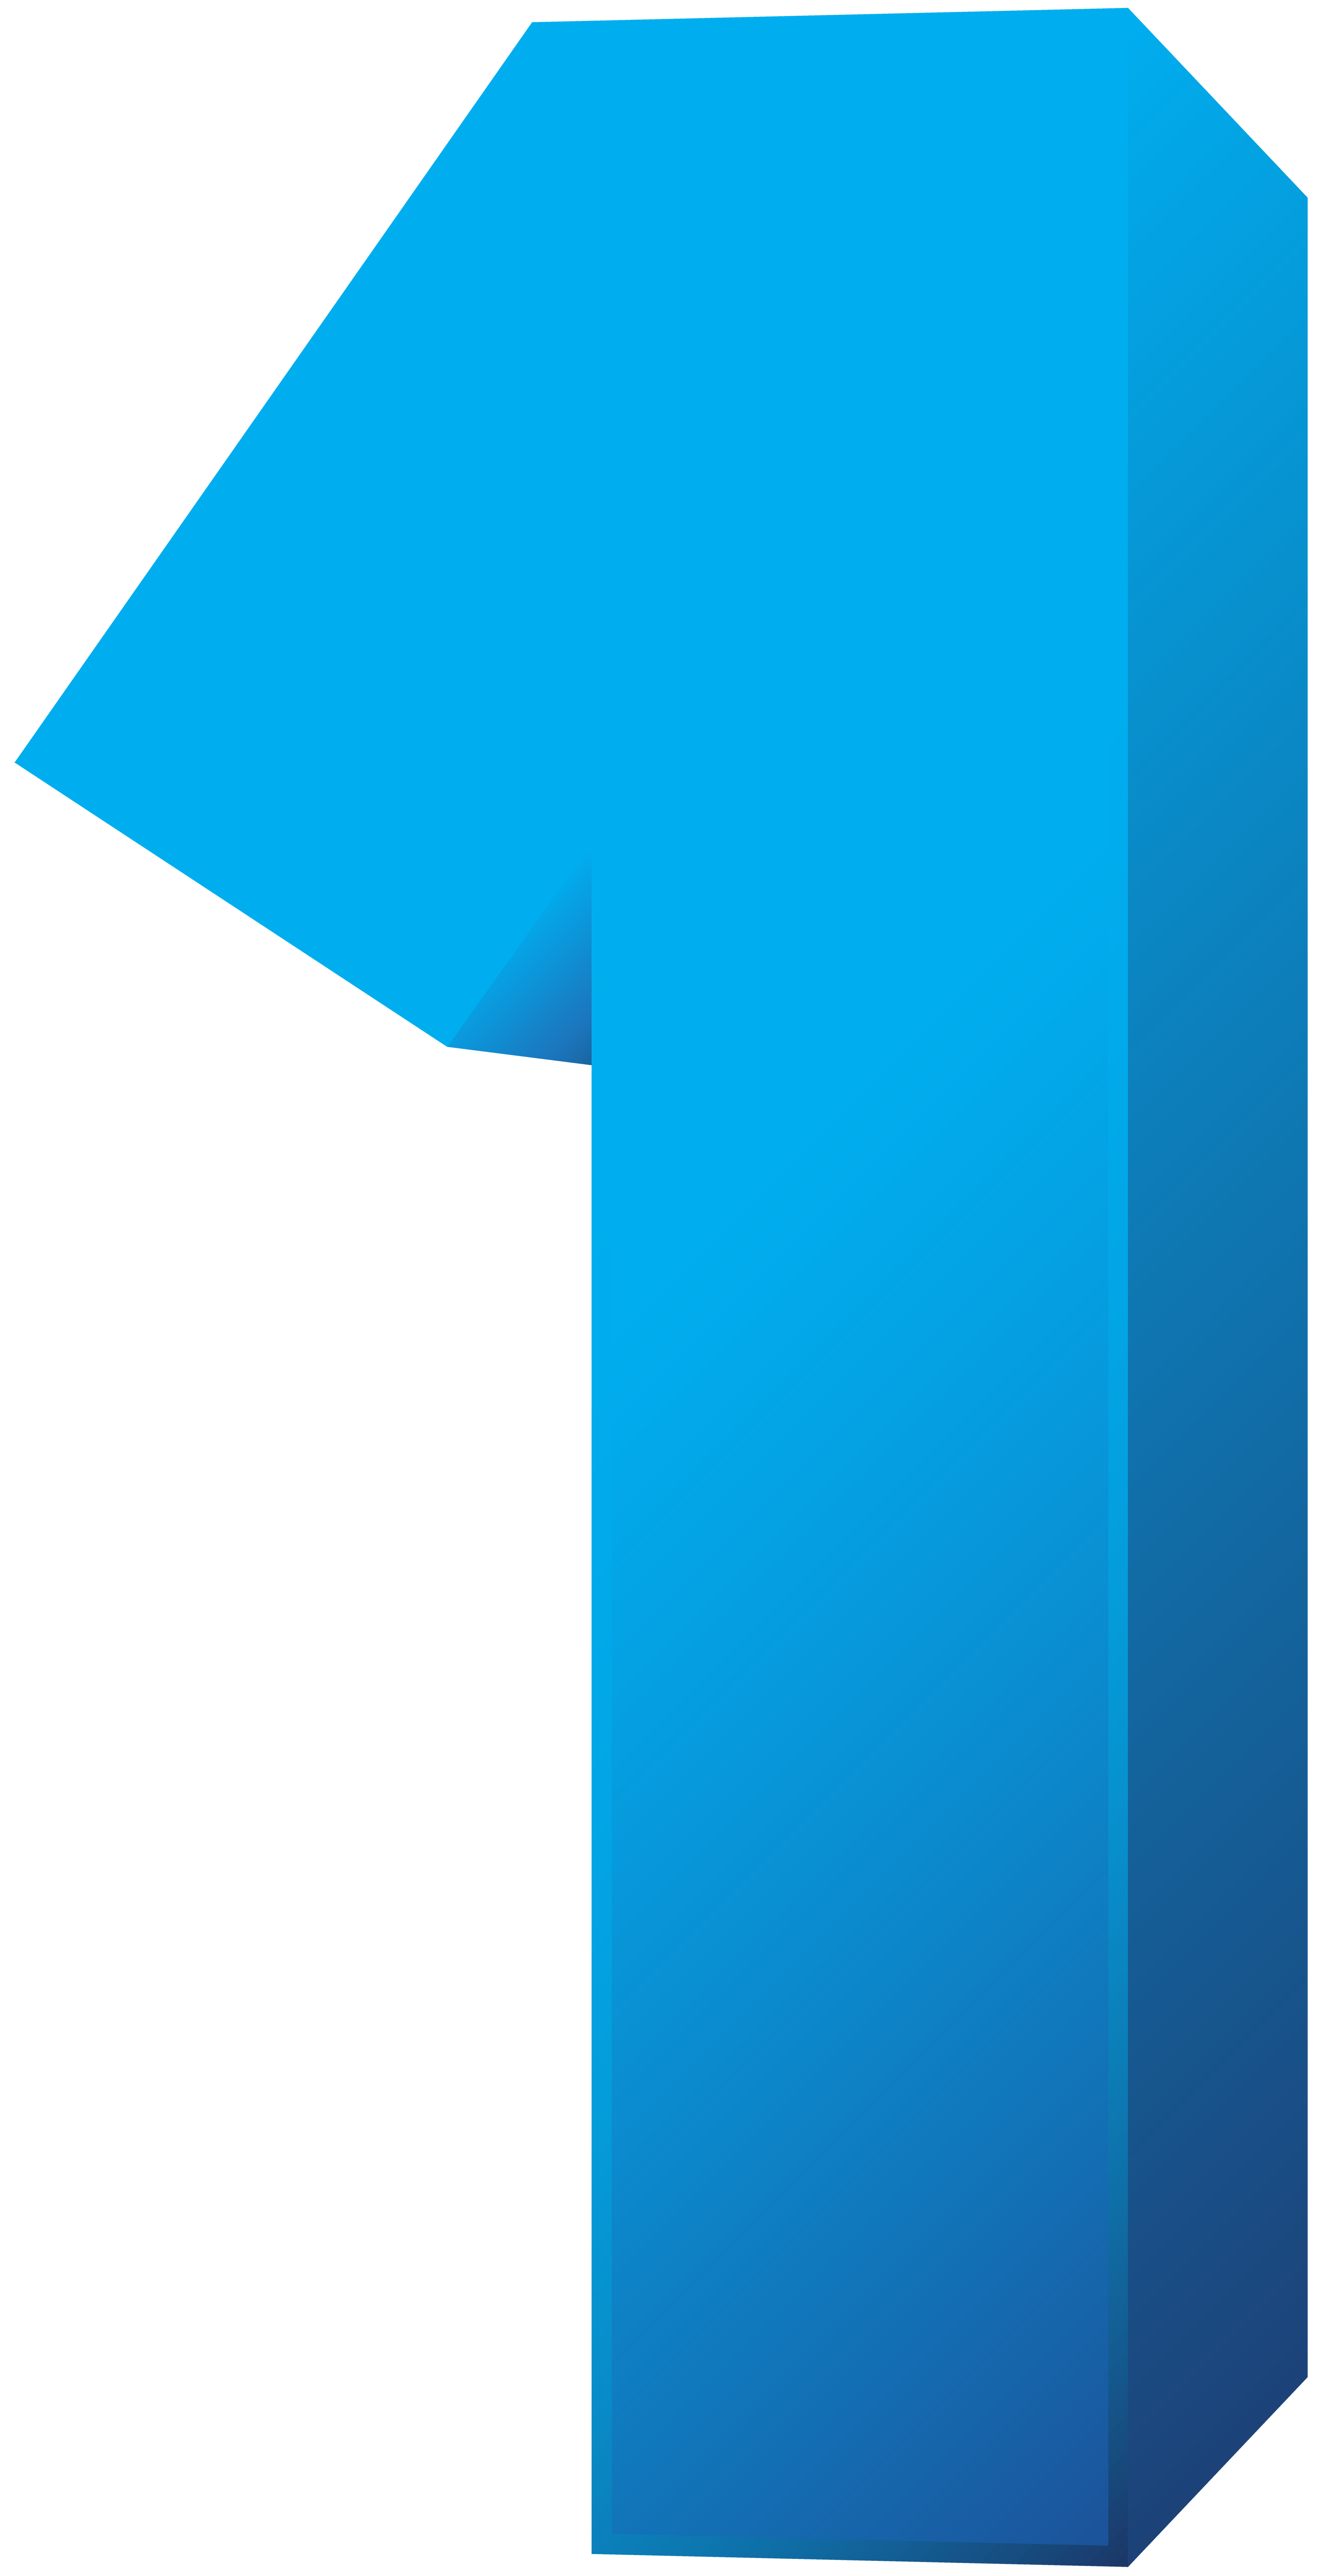 Blue Number One Transparent PNG Clip Art Image.